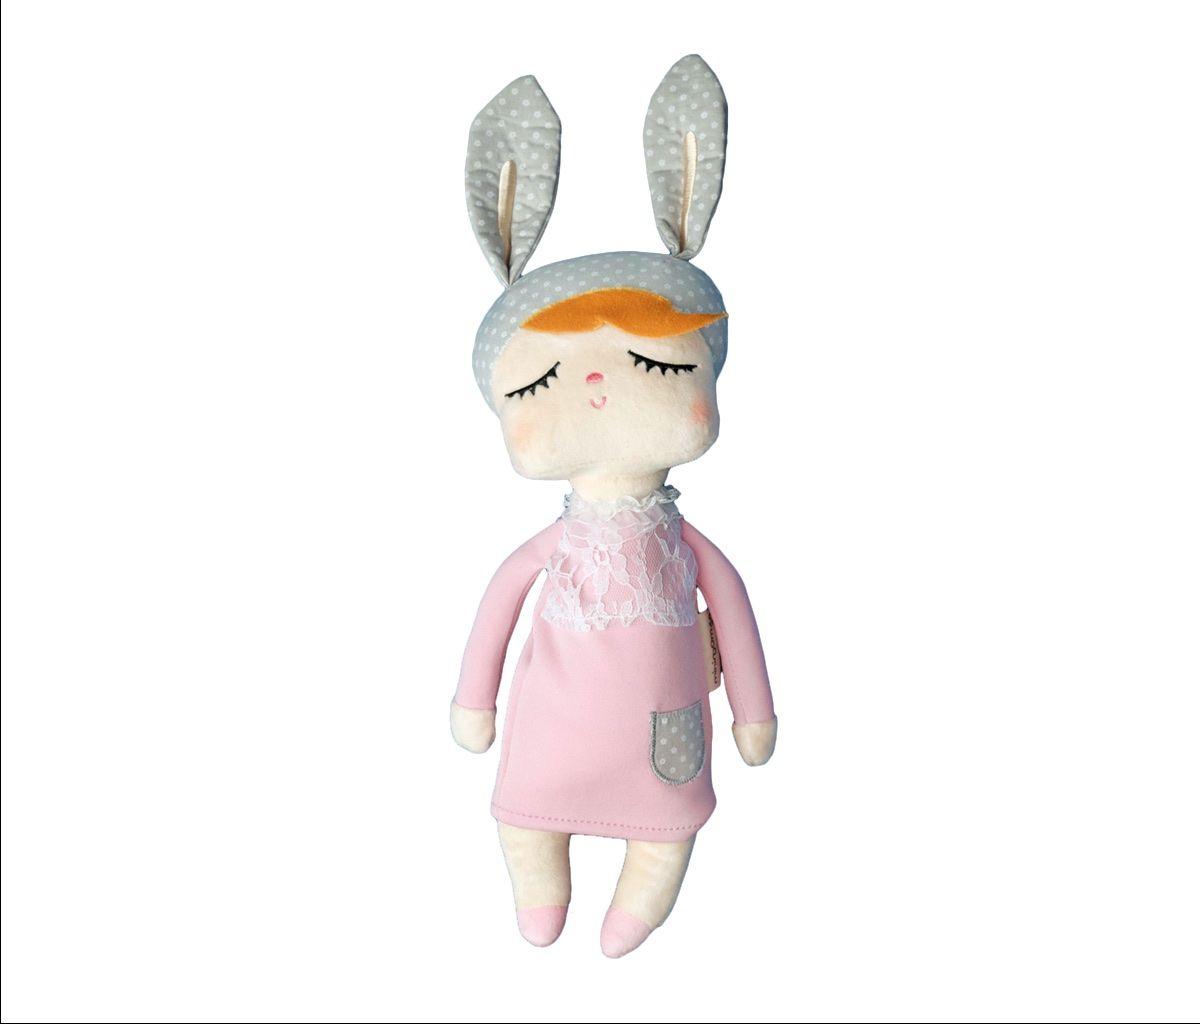 Little Rabbit Doll Rosa Miniroom.se | PinkepankShop | Geschenke für ...